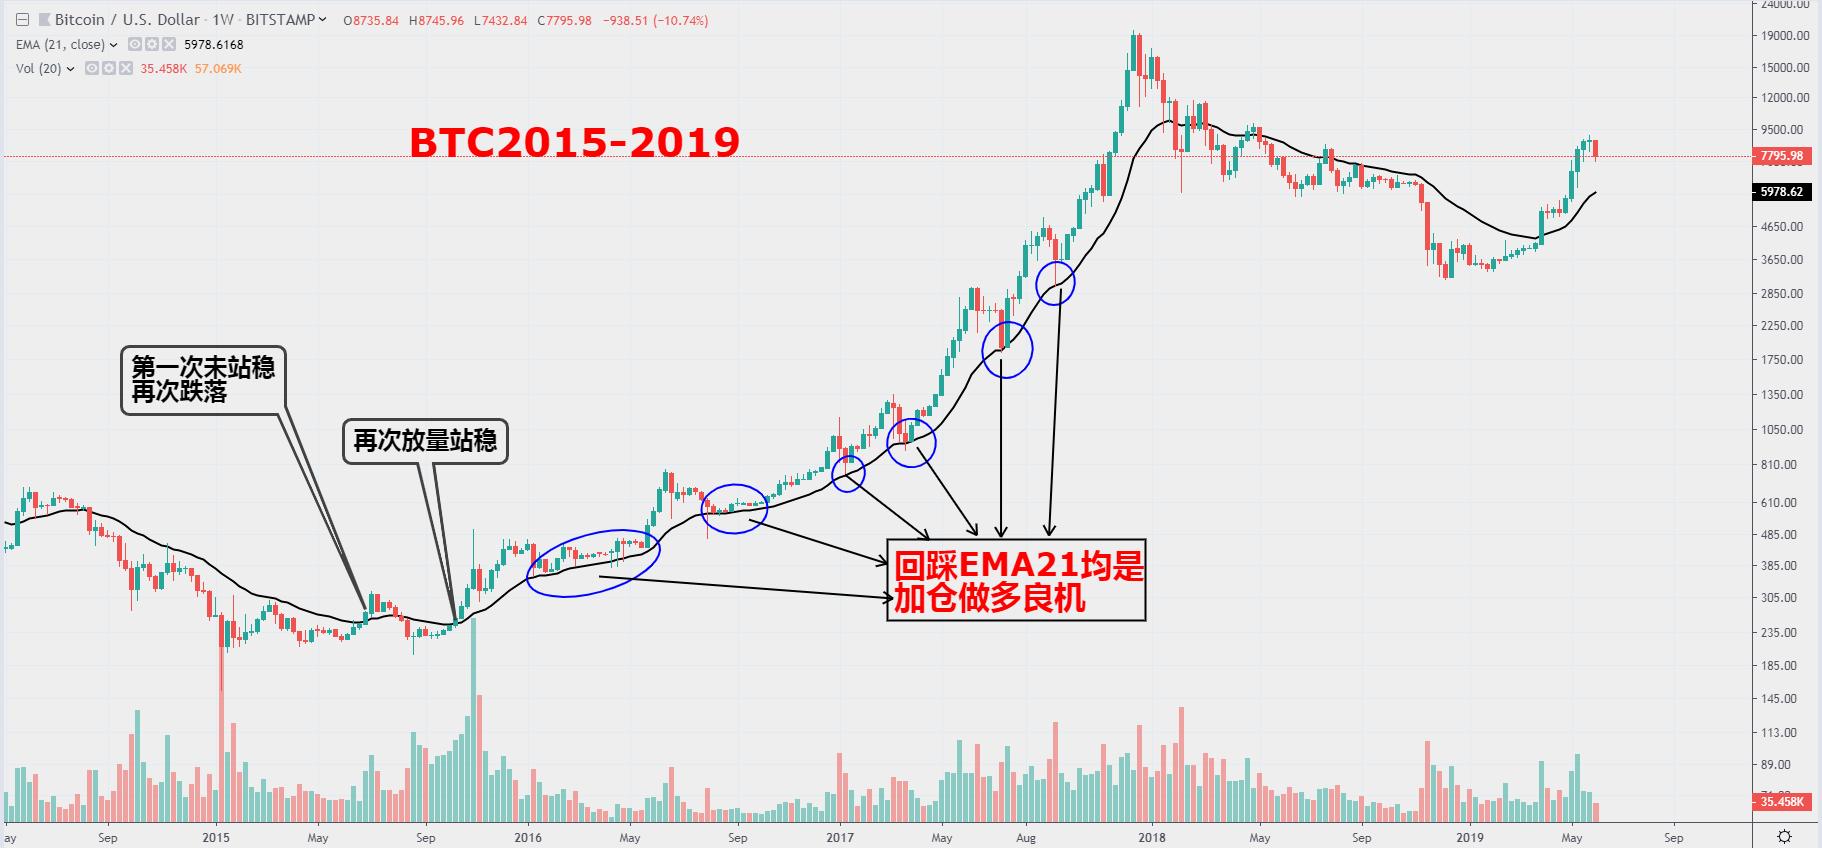 快訊 | 分析:BTC大概率已處於下輪牛市初始階段